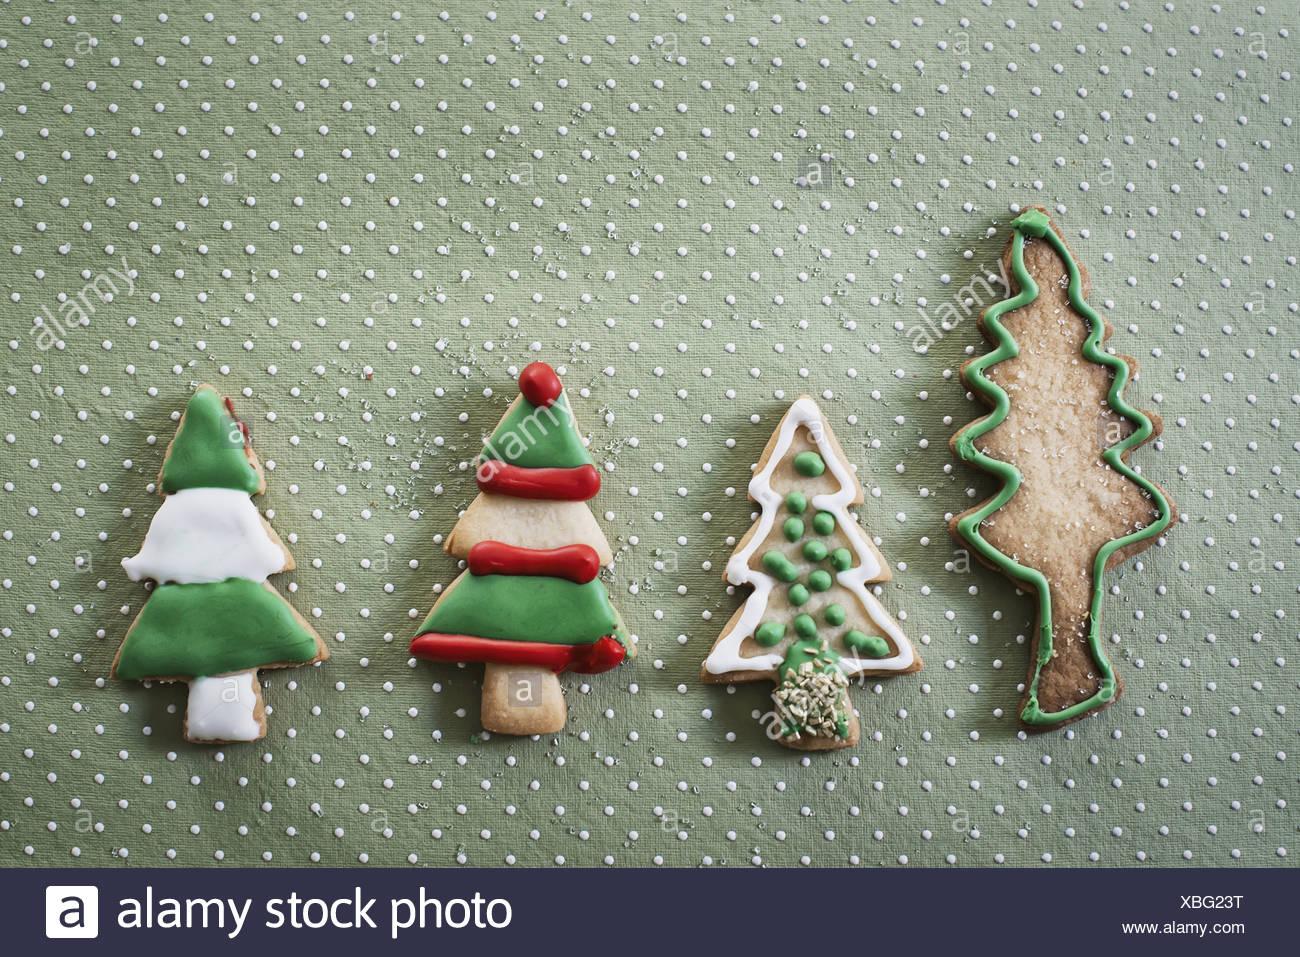 Woodstock New York USA Christmas cookies shaped like Christmas trees - Stock Image